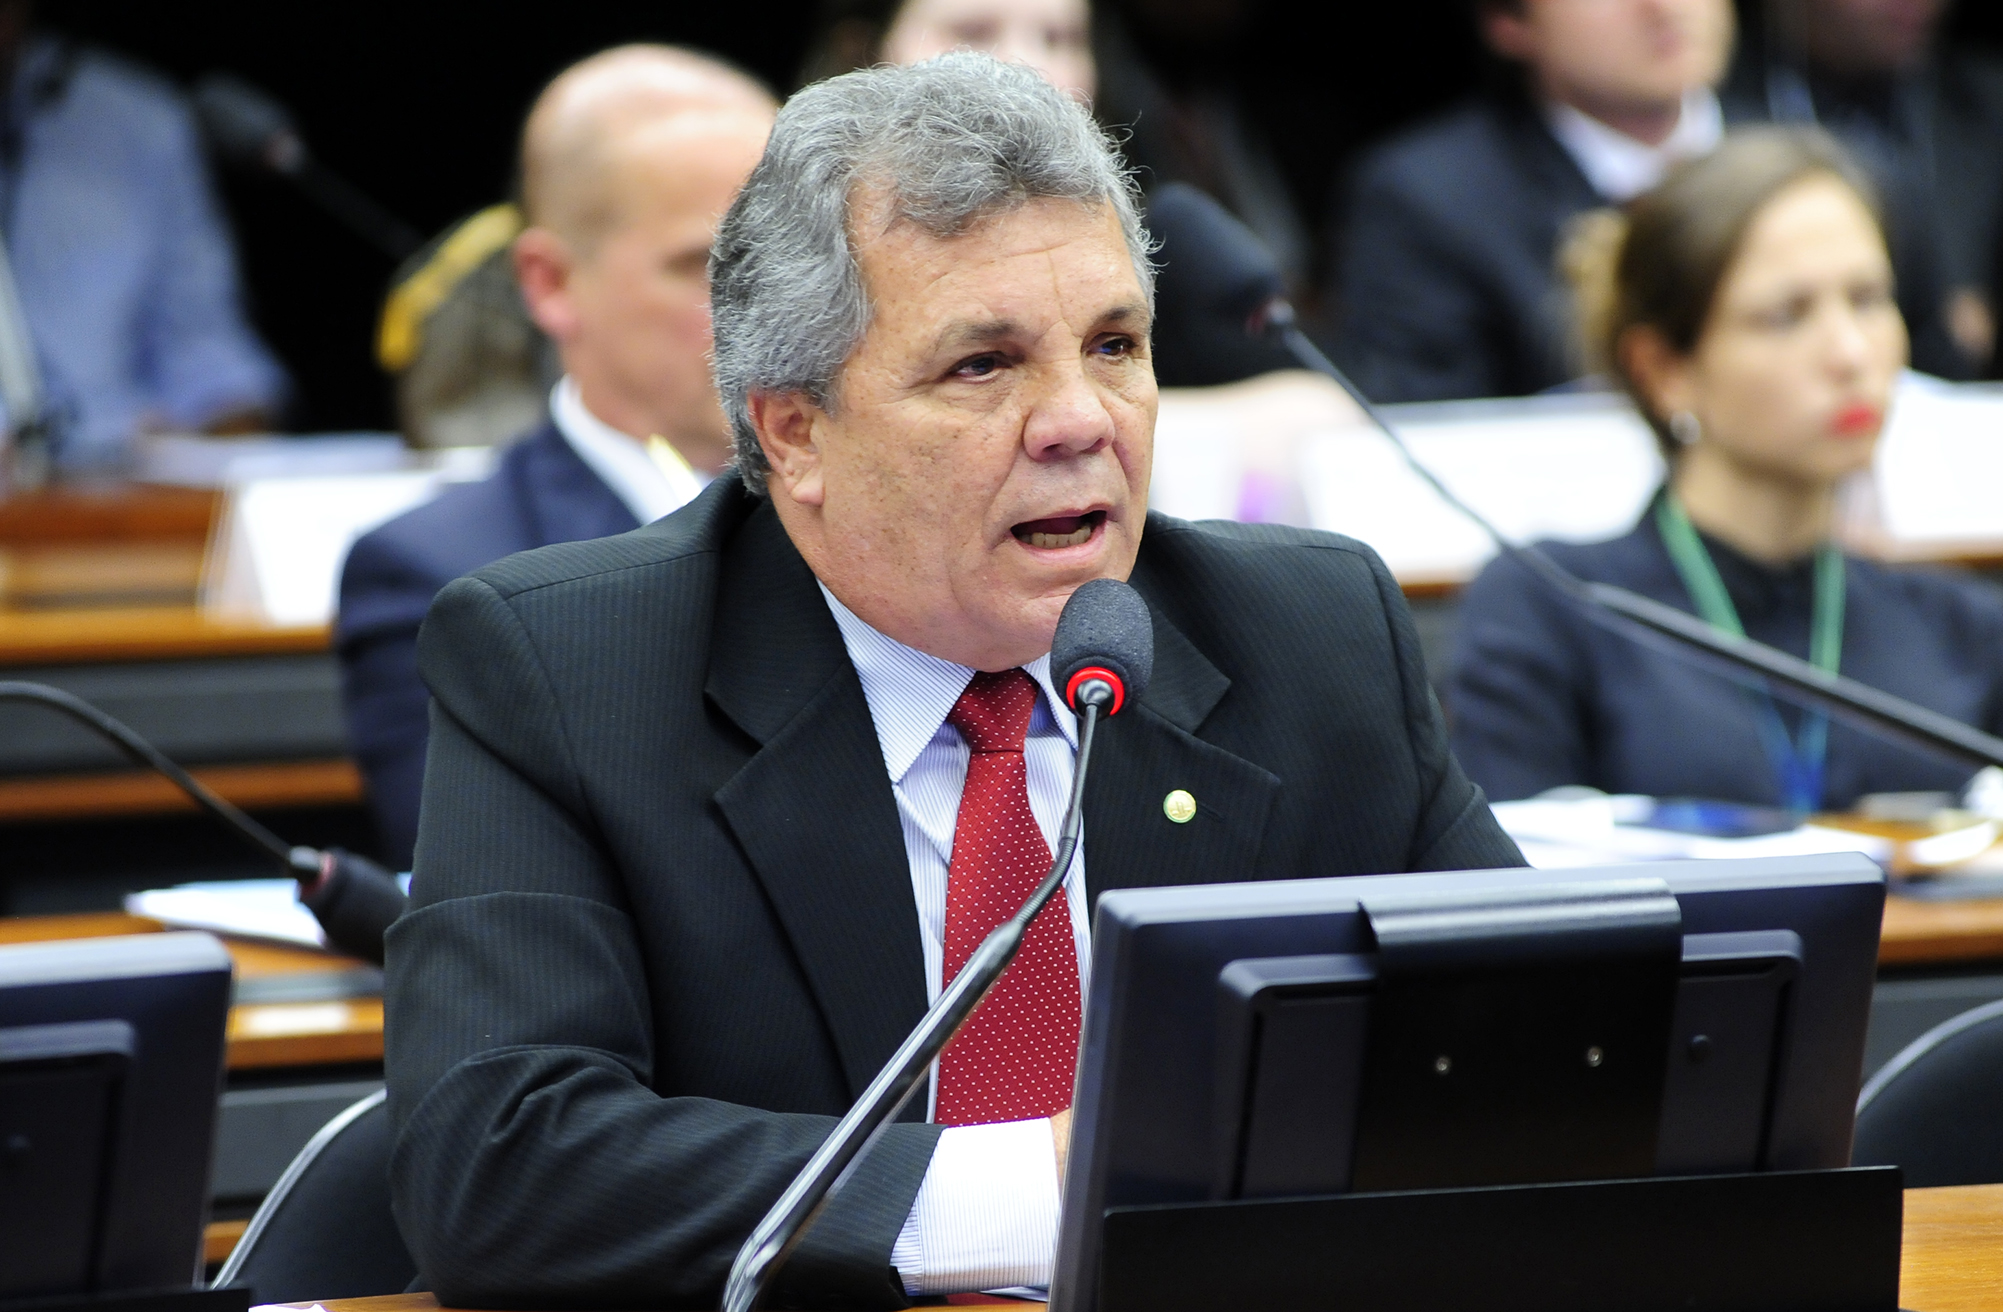 Reunião para apreciação do Parecer Preliminar, referente ao Processo nº 02/15, Representação 02/15, do PCdoB, em desfavor do dep. Alberto Fraga (DEM/DF)